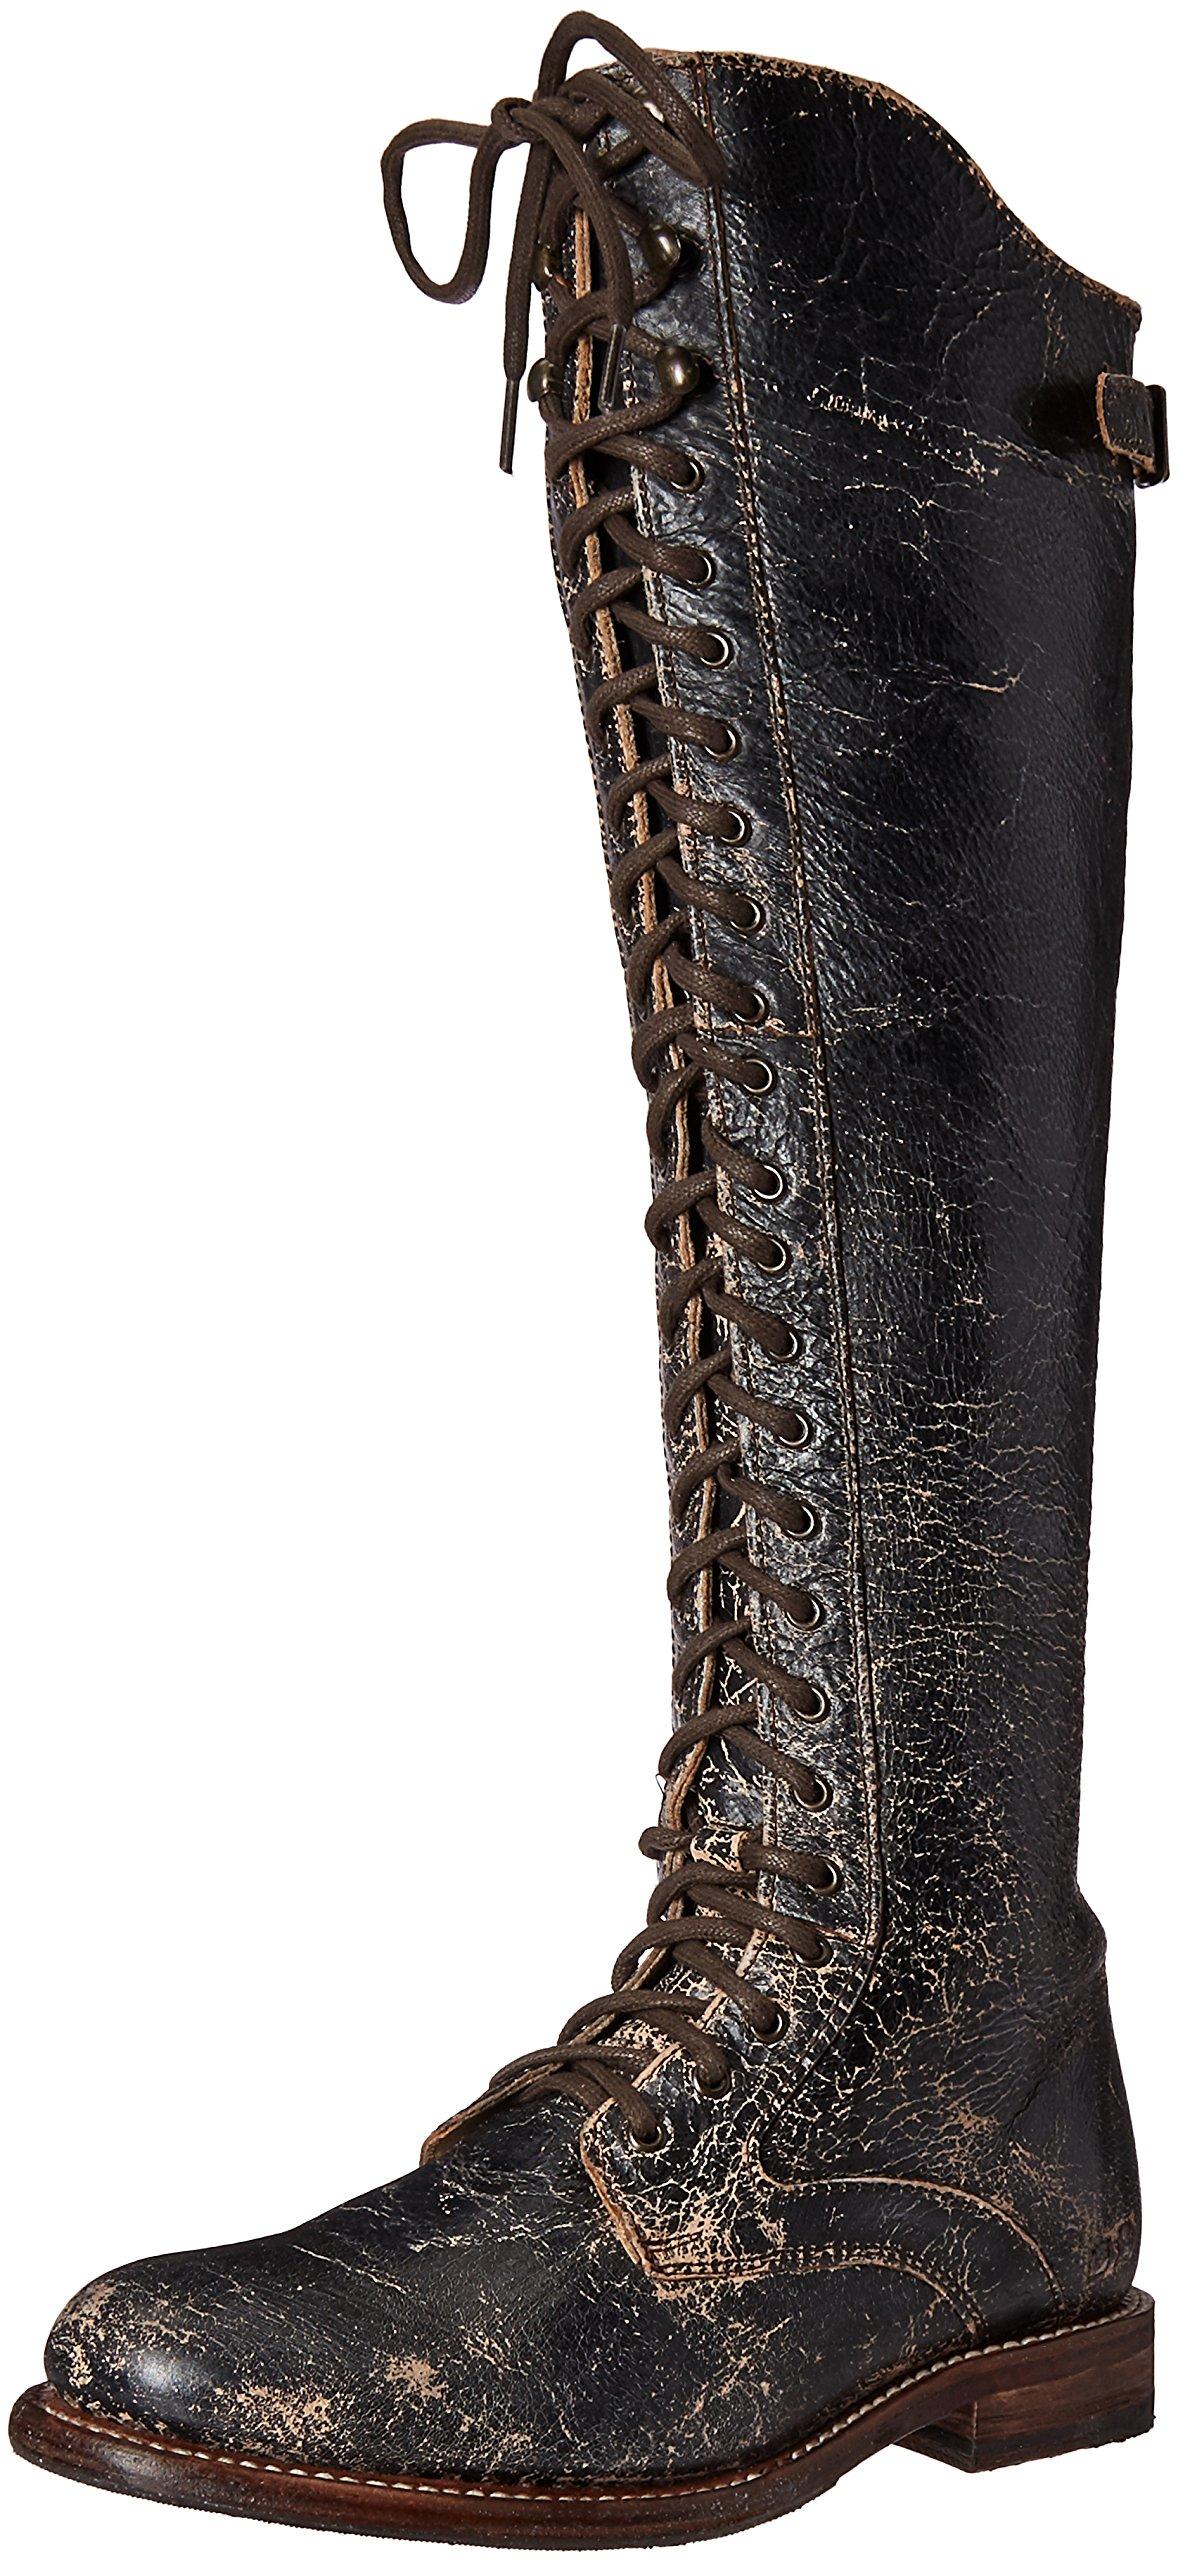 bed stu Women's Della Boot, Black Lux, 8.5 M US